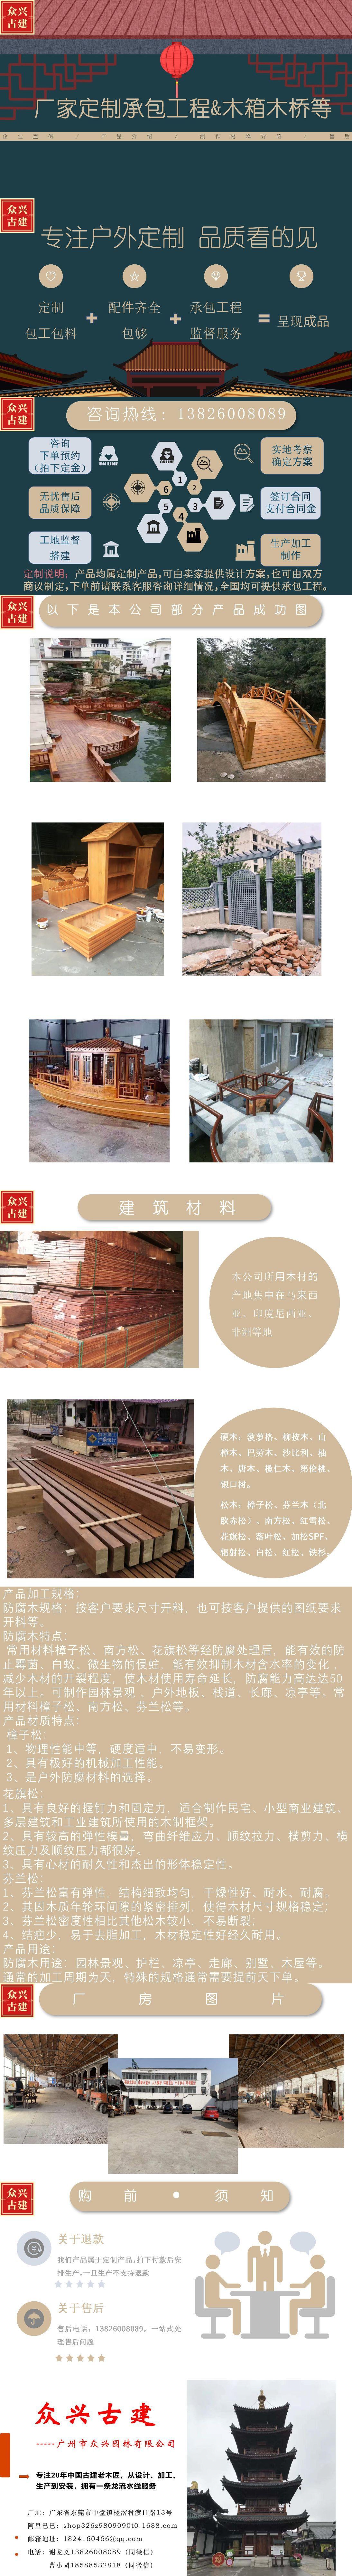 木结构安装 木桥、花箱、木船、花木架.jpg